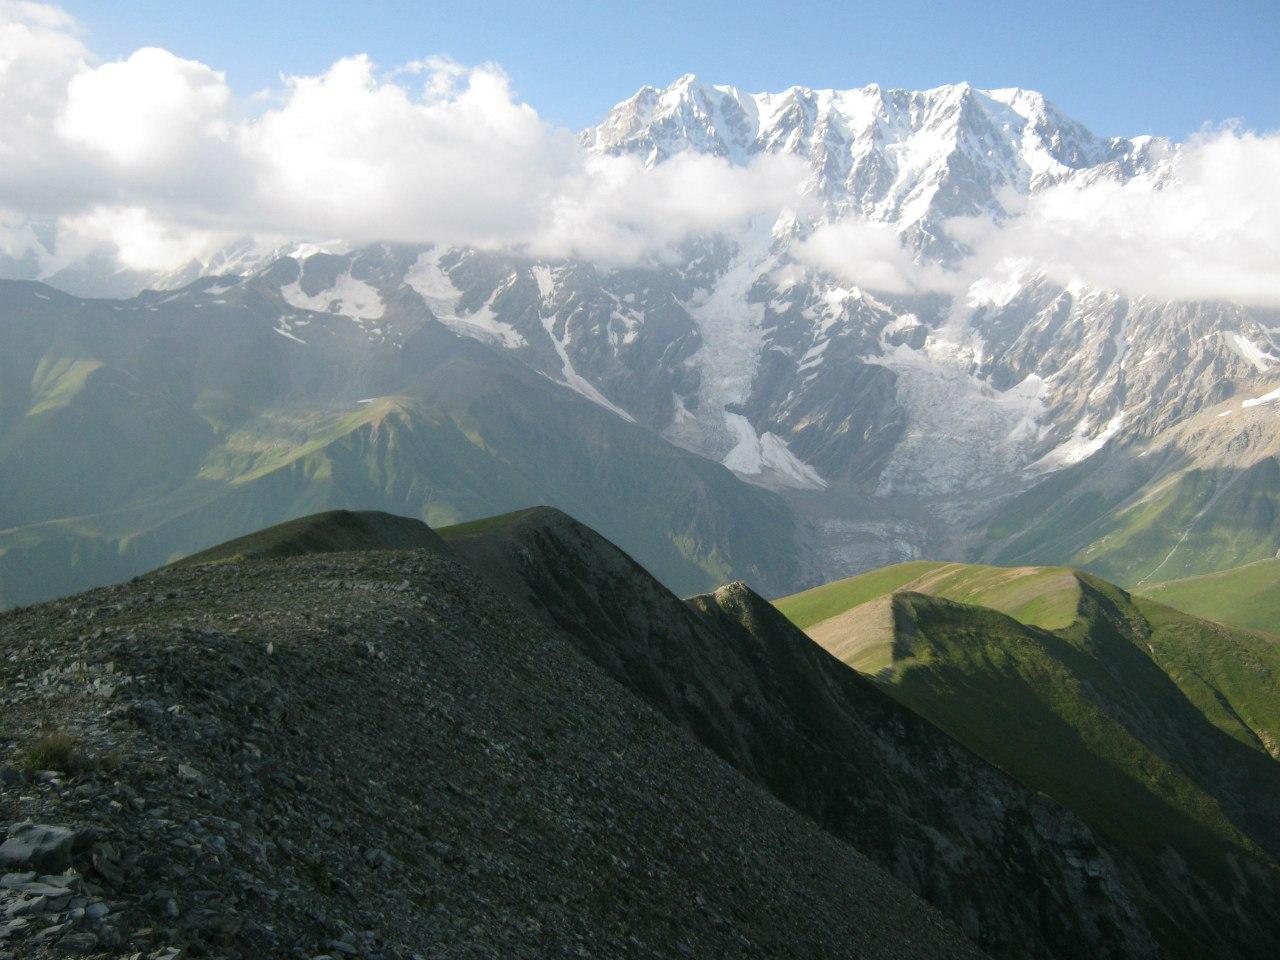 В горах Верхней Сванетии... Пик вдали - это Шхара (около 5150м). Снимок с высоты 3000м недалеко от перевала дороги Лентехи-Цана-Ушгули.